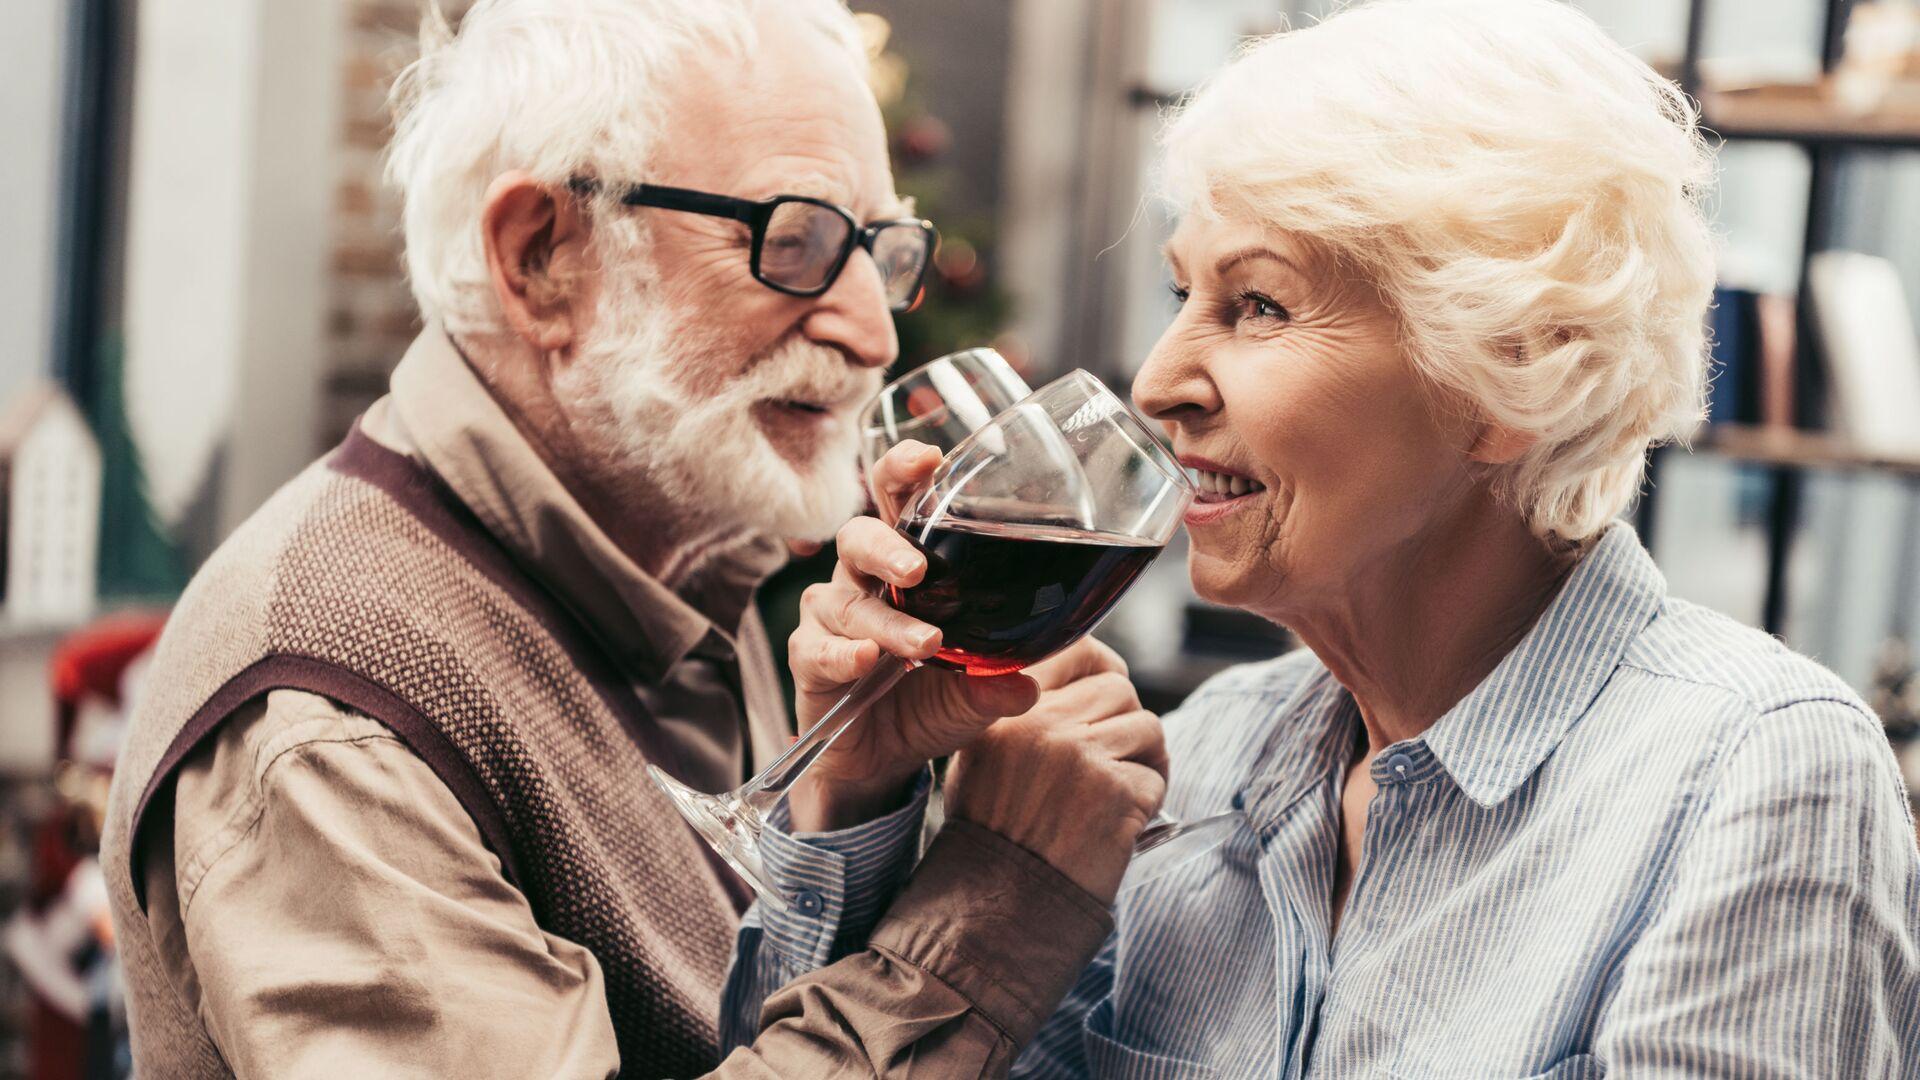 Ηλικιωμένο ζευγάρι απολαμβάνει ένα ποτήρι κρασί - Sputnik Ελλάδα, 1920, 13.09.2021